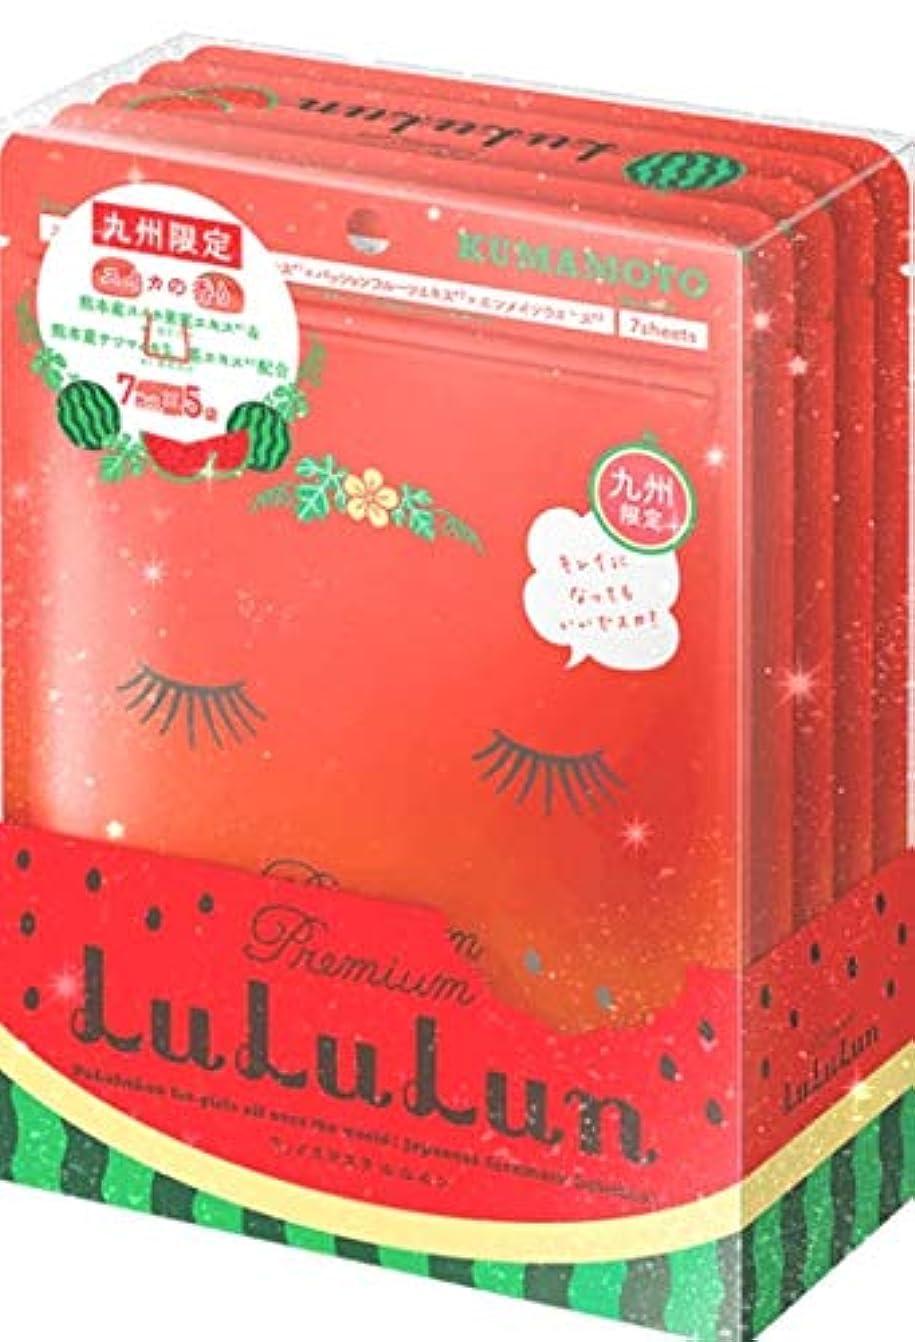 知り合い詐欺師無線九州プレミアム LuLuLun (ルルルン) フェイスマスク スイカの香り 7枚×5袋